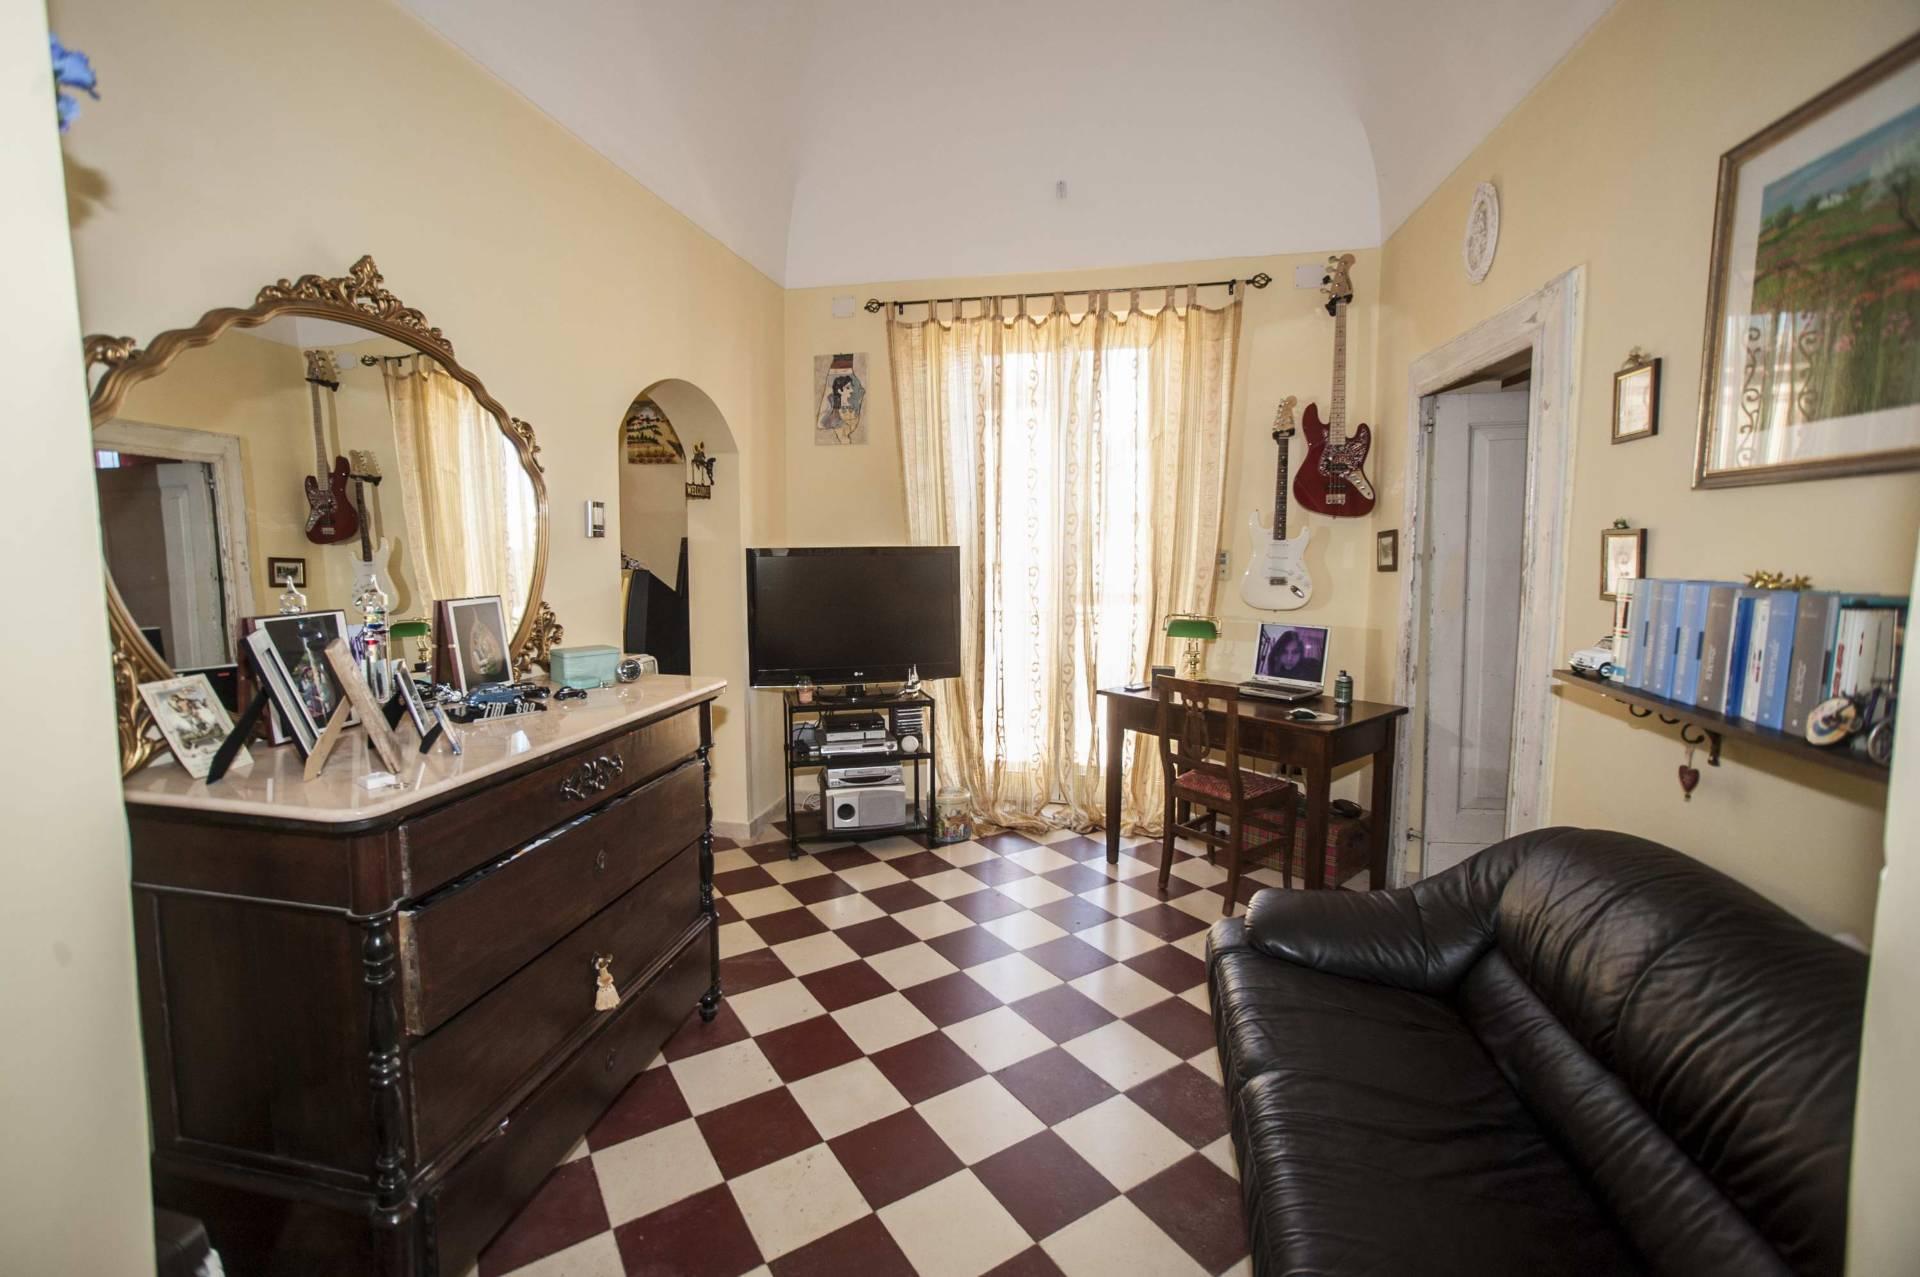 Appartamento in vendita a Chieti, 4 locali, zona Località: Centrostorico, prezzo € 60.000 | PortaleAgenzieImmobiliari.it